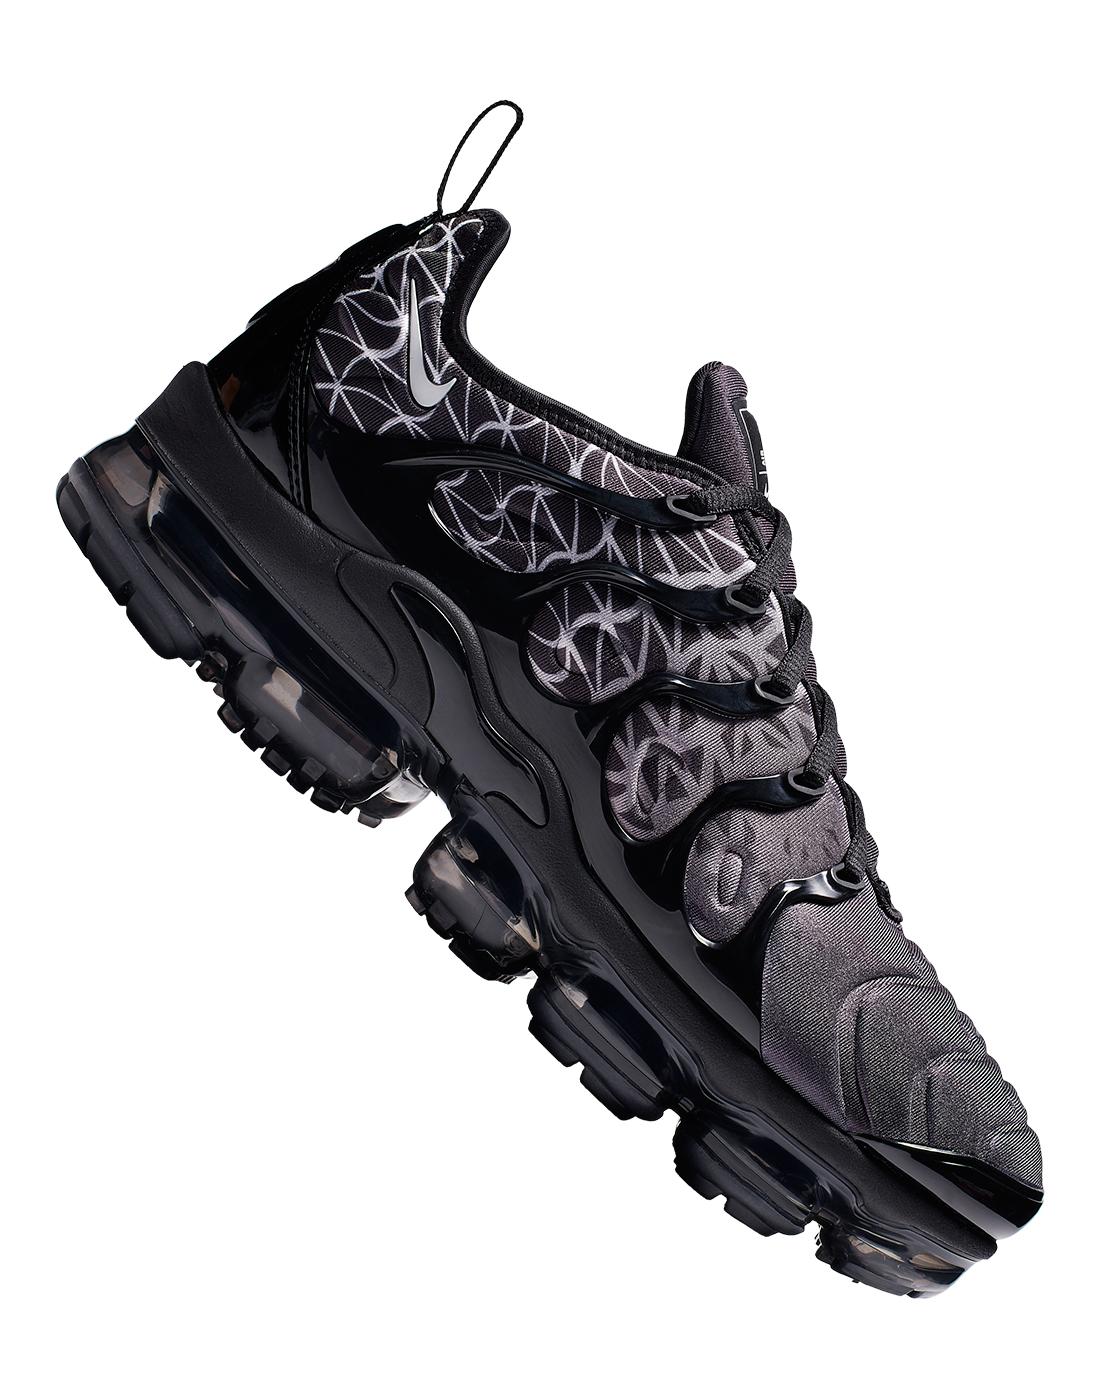 ff0a59c7e04be Men s Black   Grey Nike Vapormax Plus